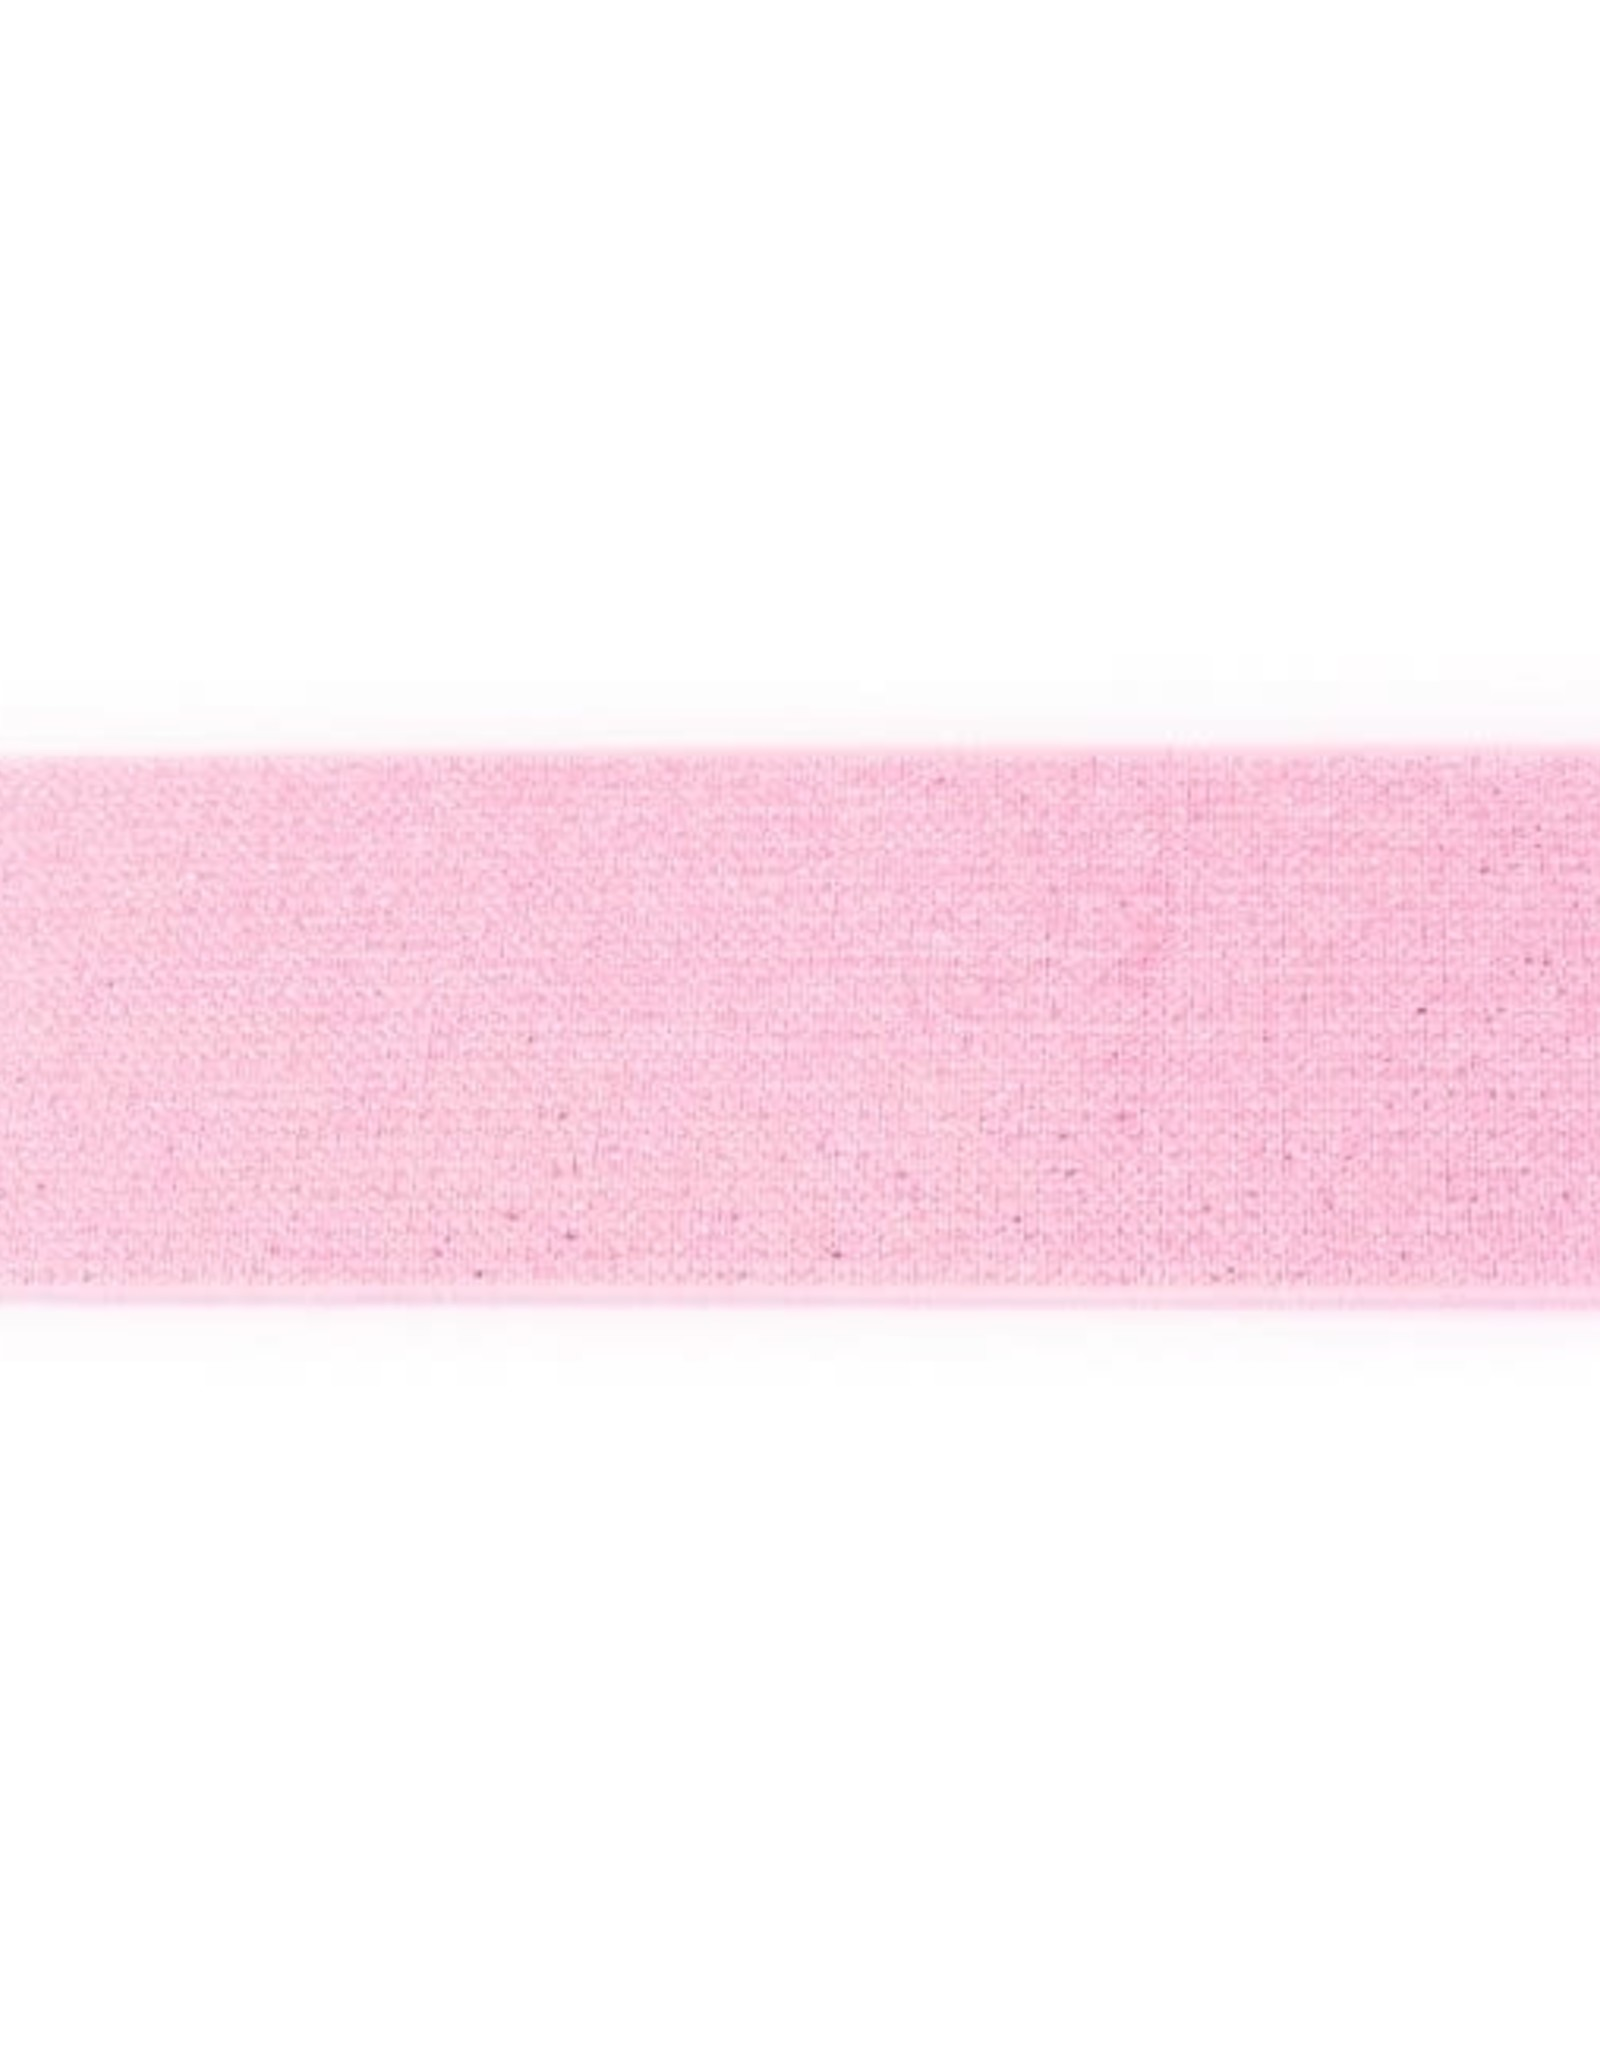 Glitterelastiek 50mm - Roze